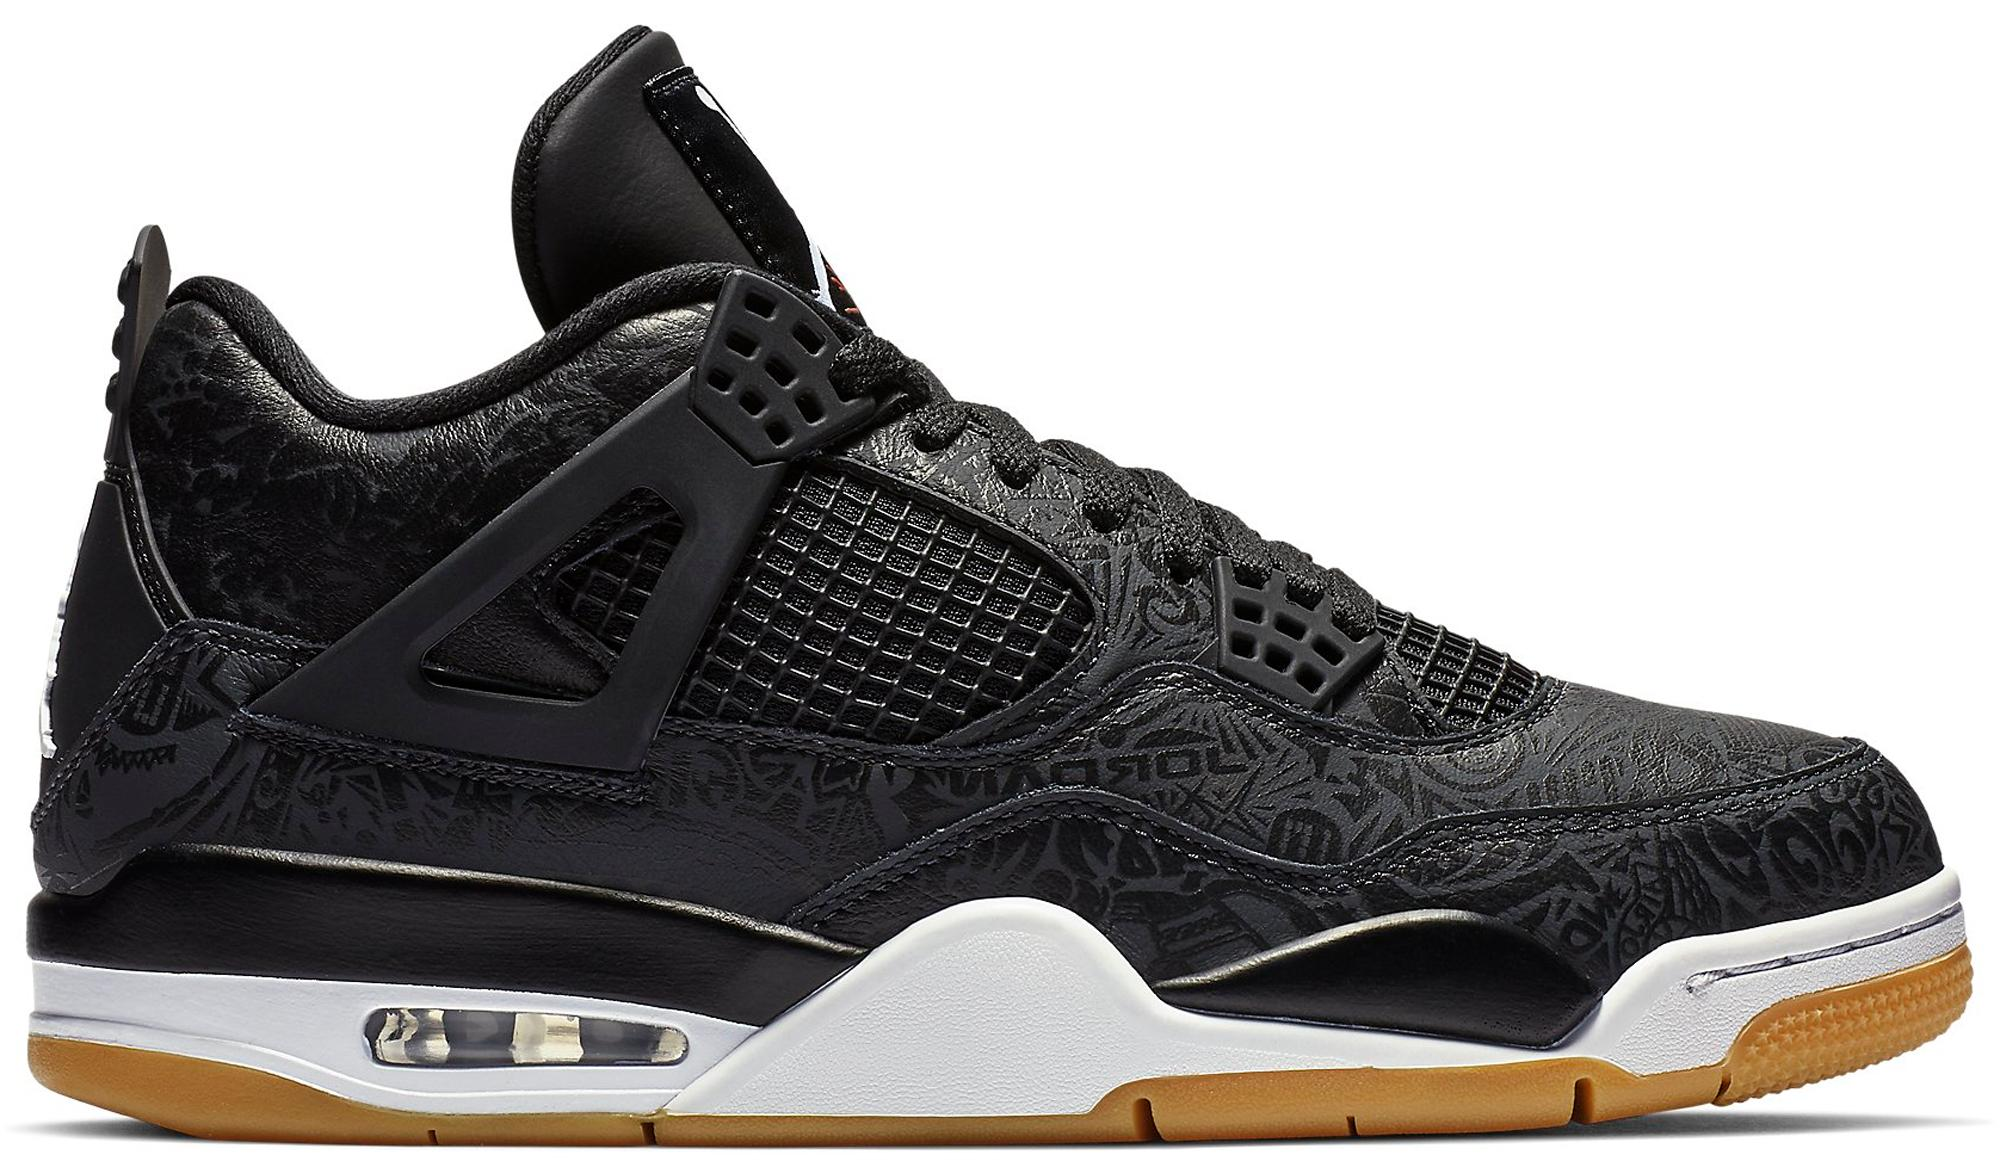 Lyst - Nike 4 Retro Se in Black for Men - Save 15.0% 369e25980bc9